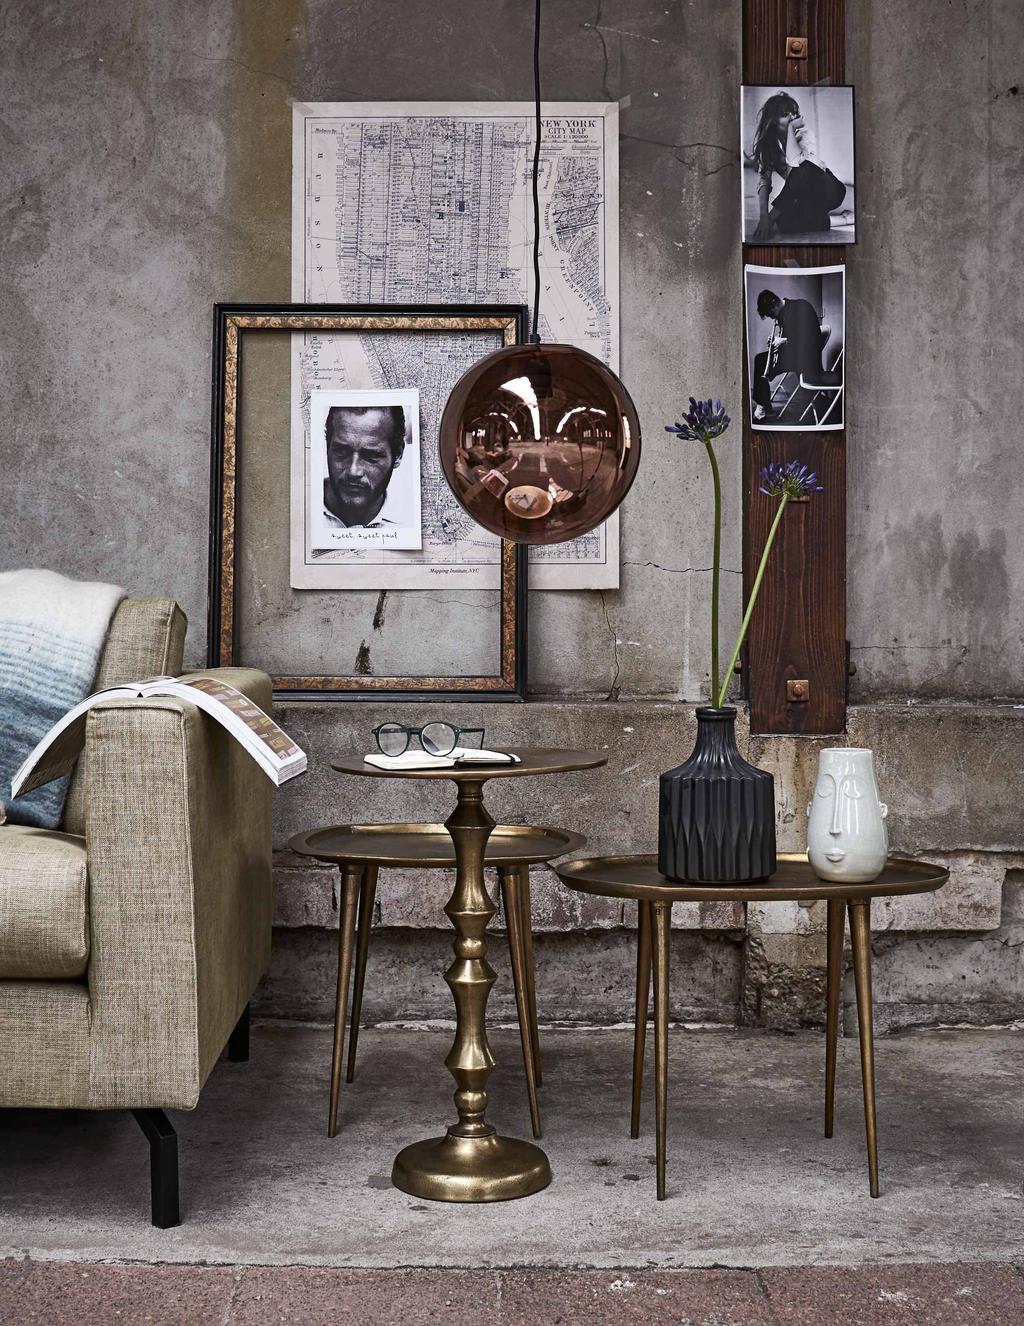 Door slim loslaten en toevoegen creeër je een stijlvol huis dat nooit te 'geprobeerd' oogt.